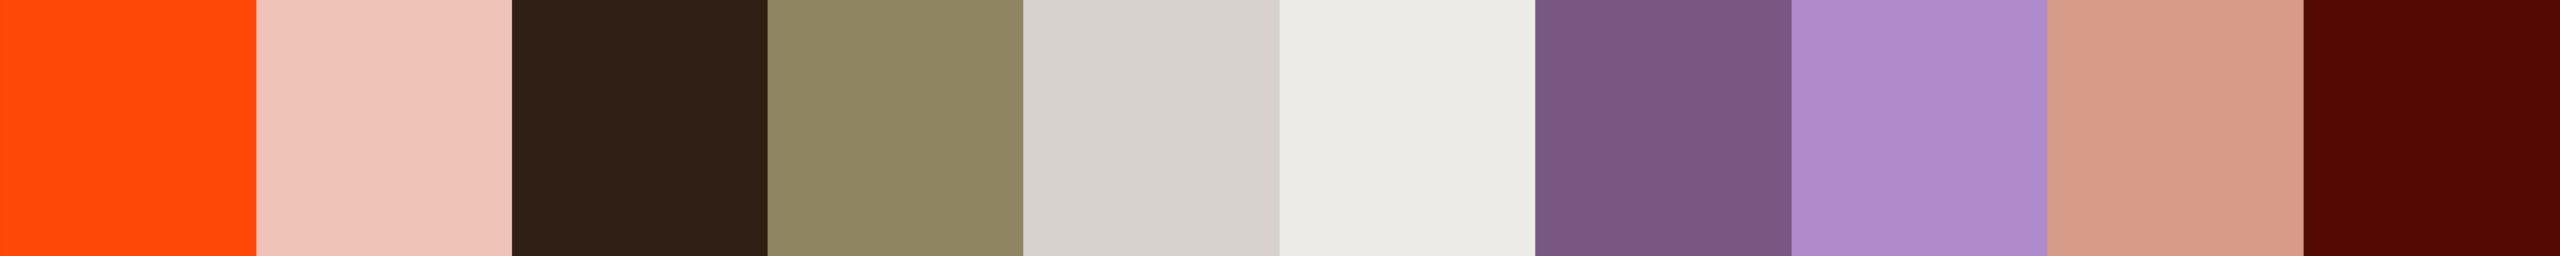 661 Deinaria Color Palette